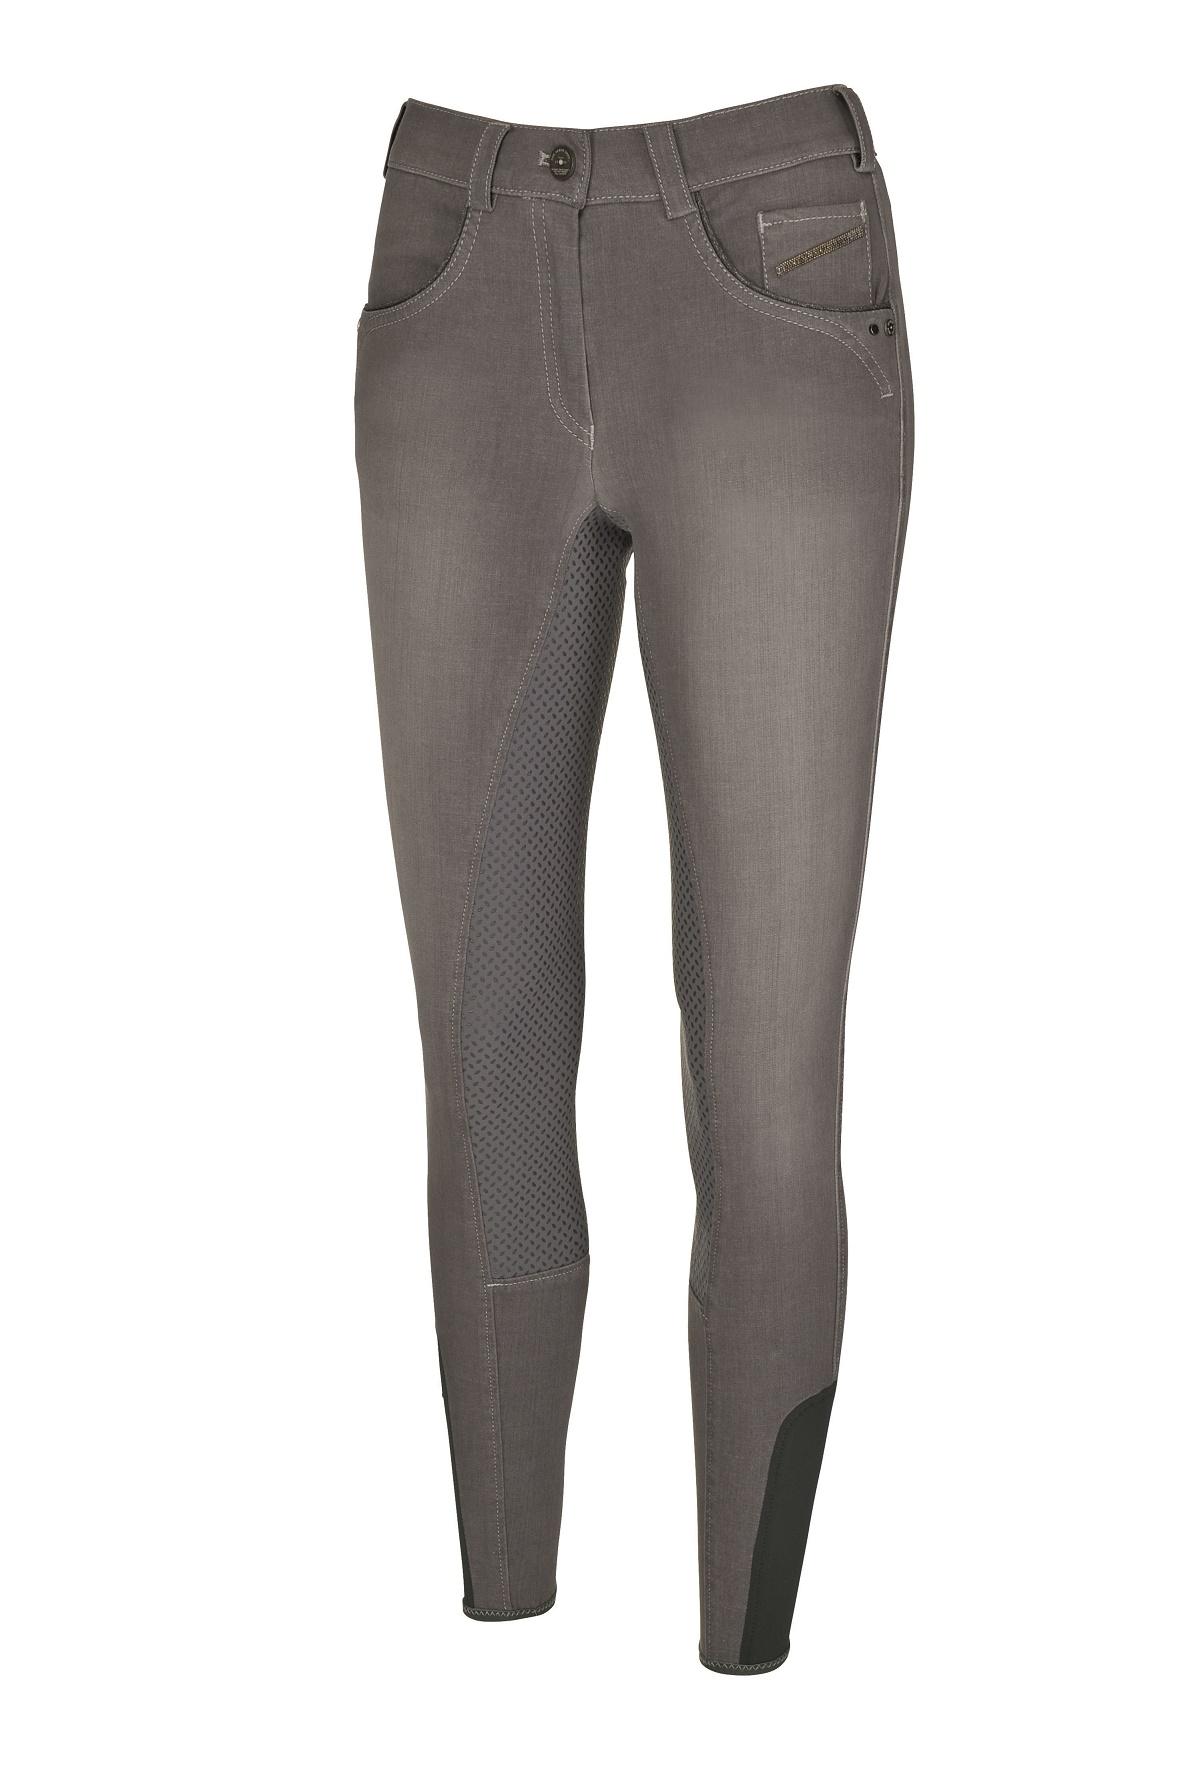 Darjeen Grip Jeans